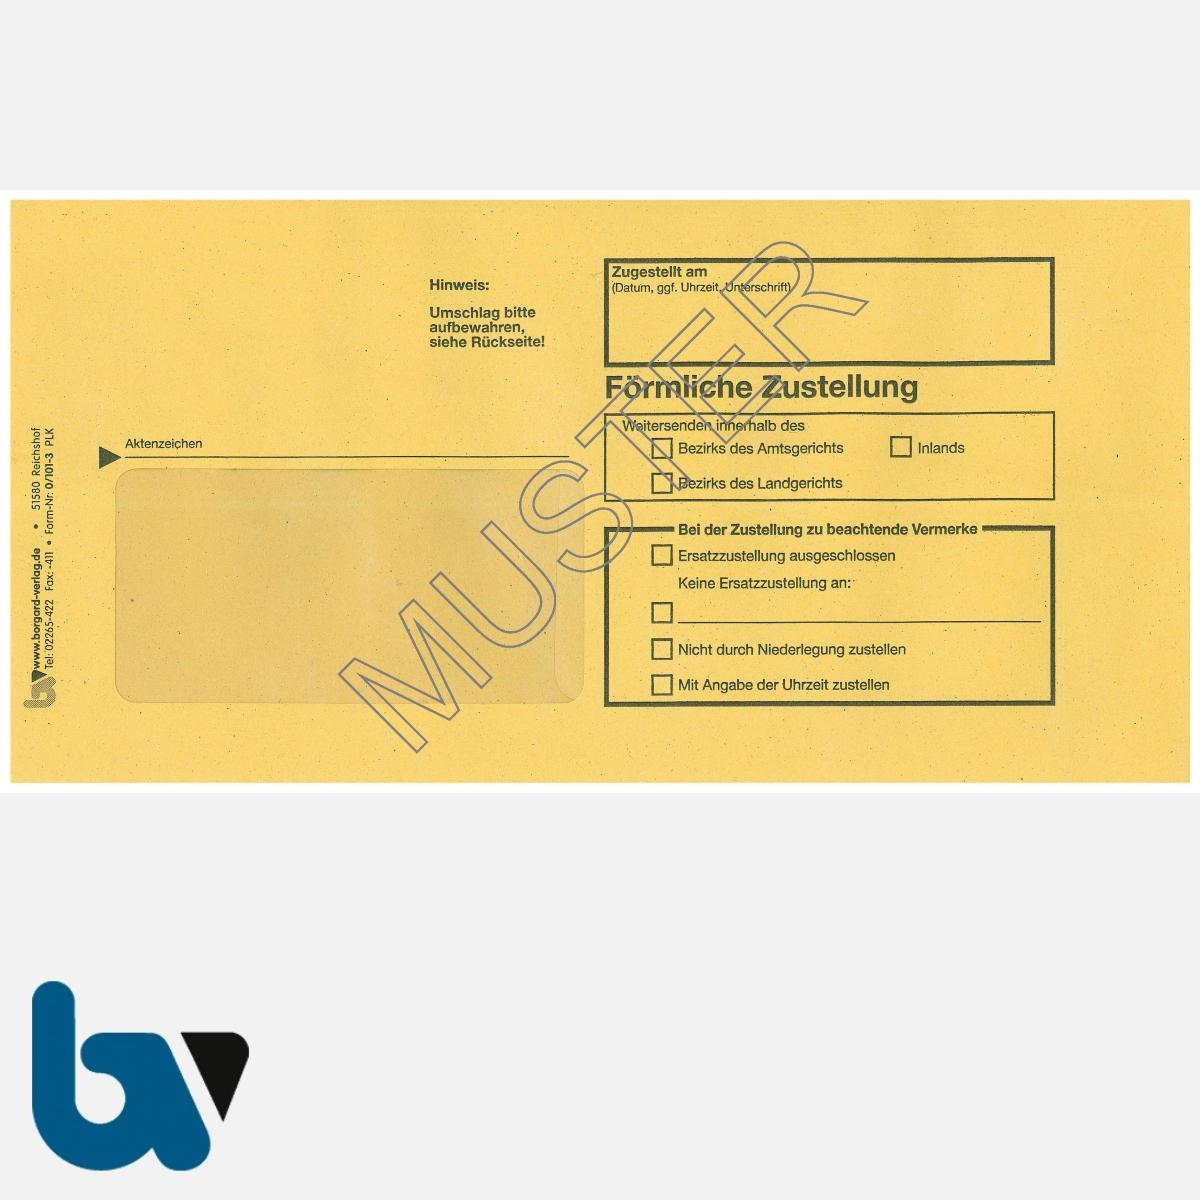 0/101-3 Förmliche Zustellung - Innerer Umschlag, DIN lang, mit Fenster, haftklebend, Vorderseite | Borgard Verlag GmbH